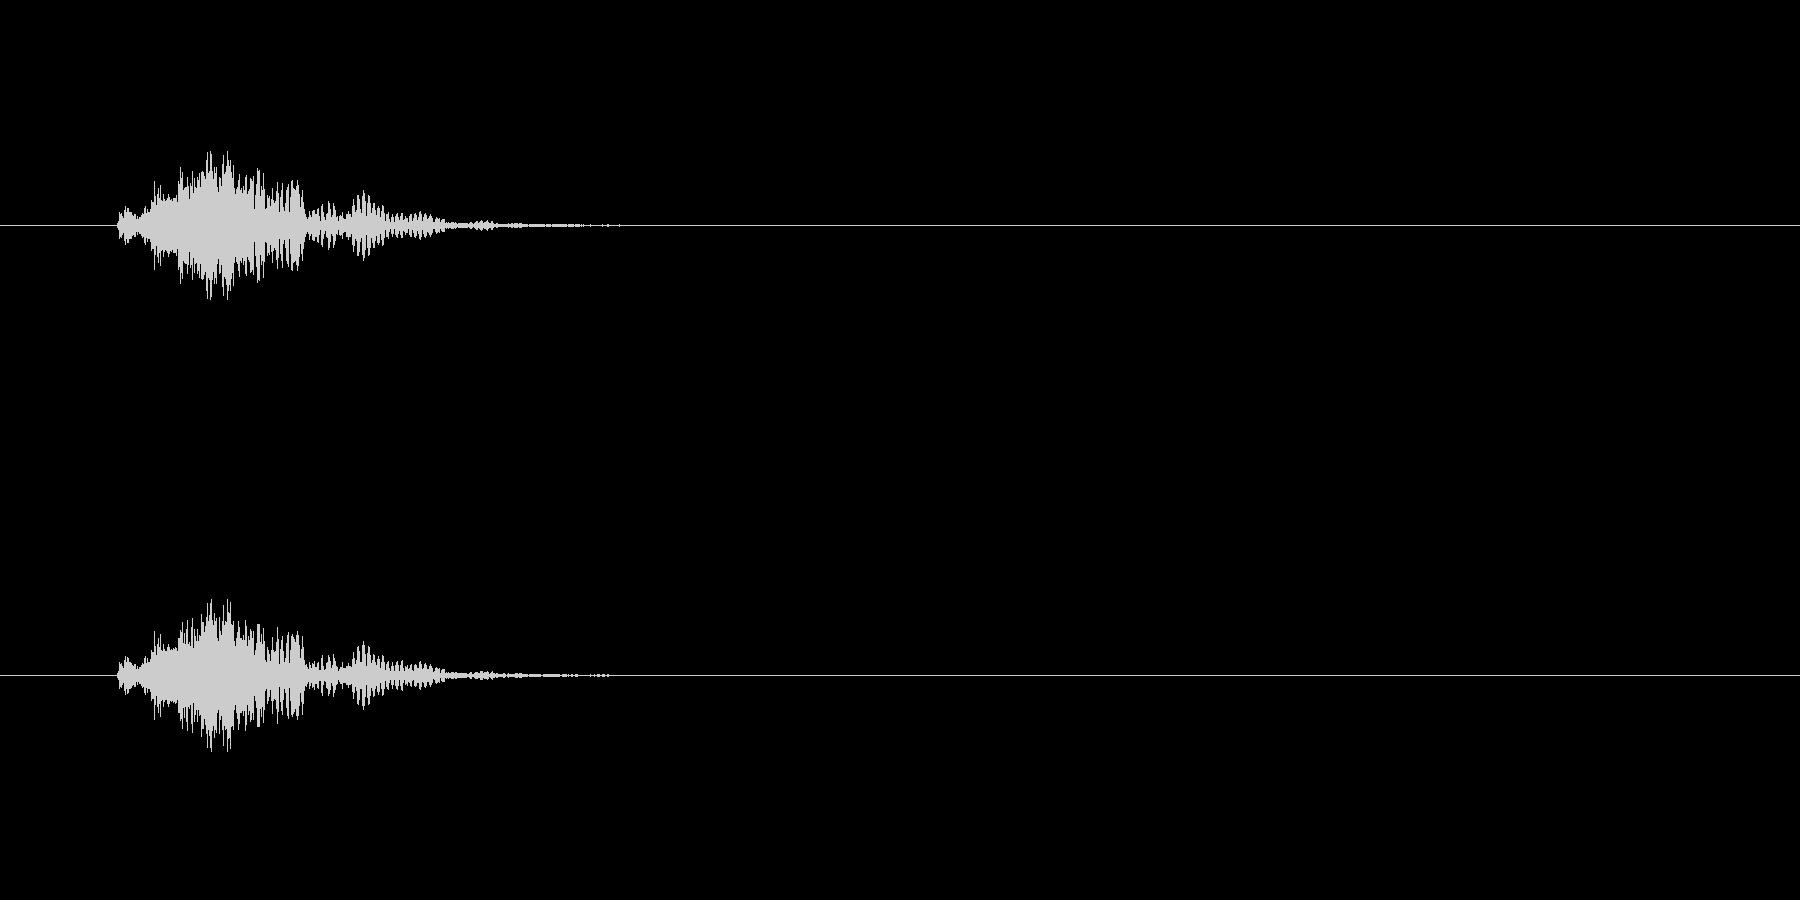 【スポットライト01-3】の未再生の波形